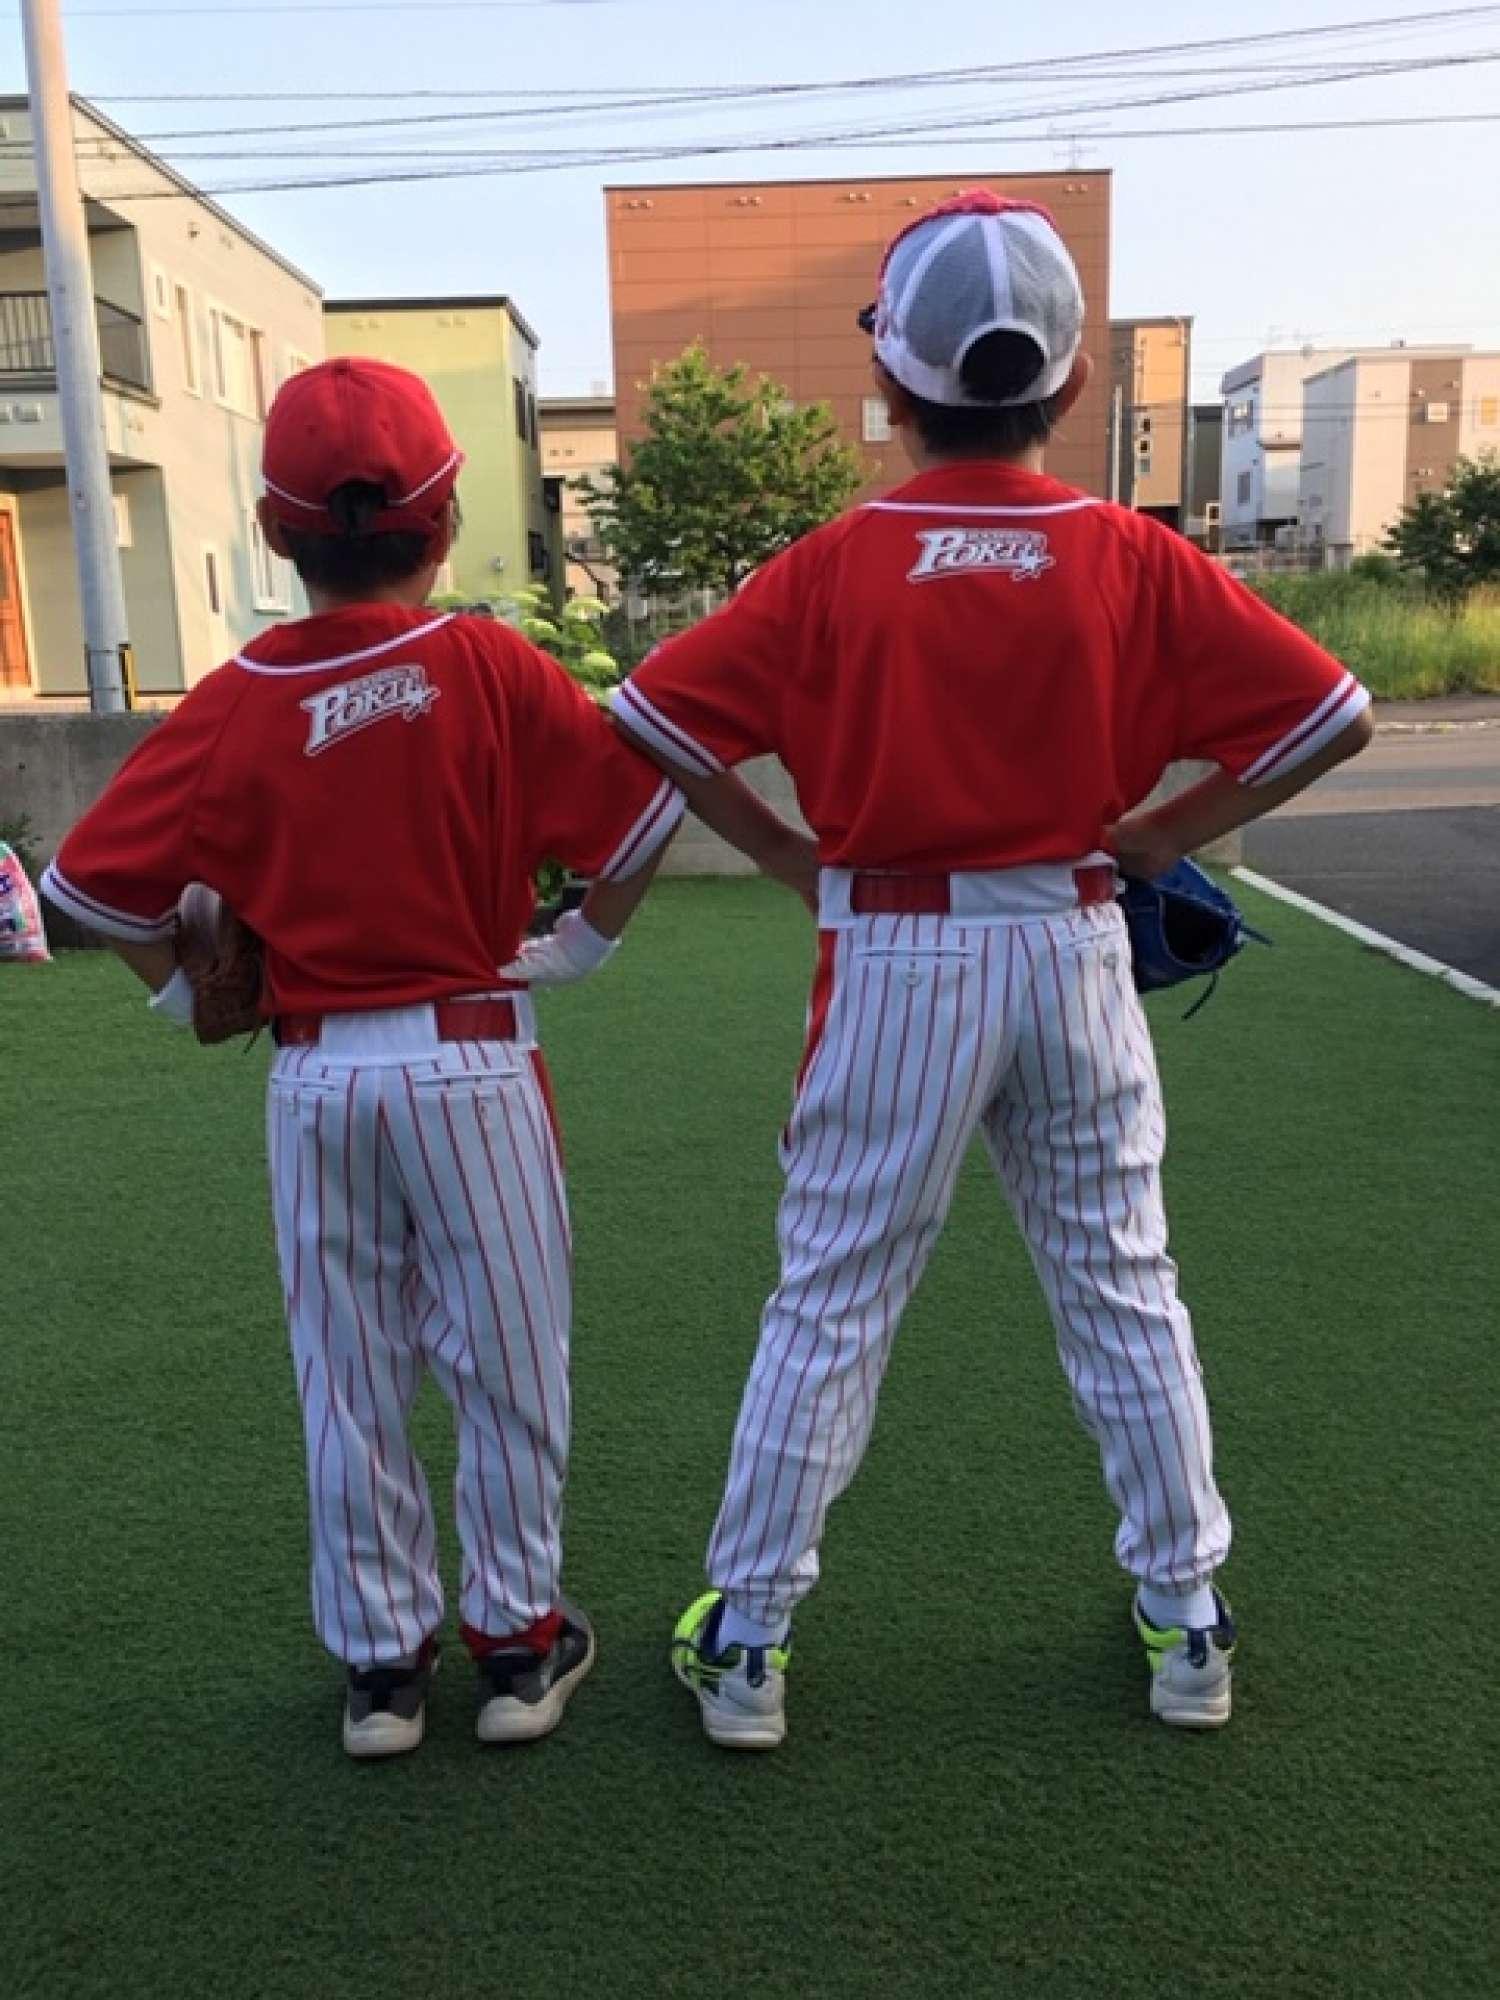 - 休日は子供たちとゲームをしたり、少年野球チームに入っているので素振りの練習につきあったりしています。 -